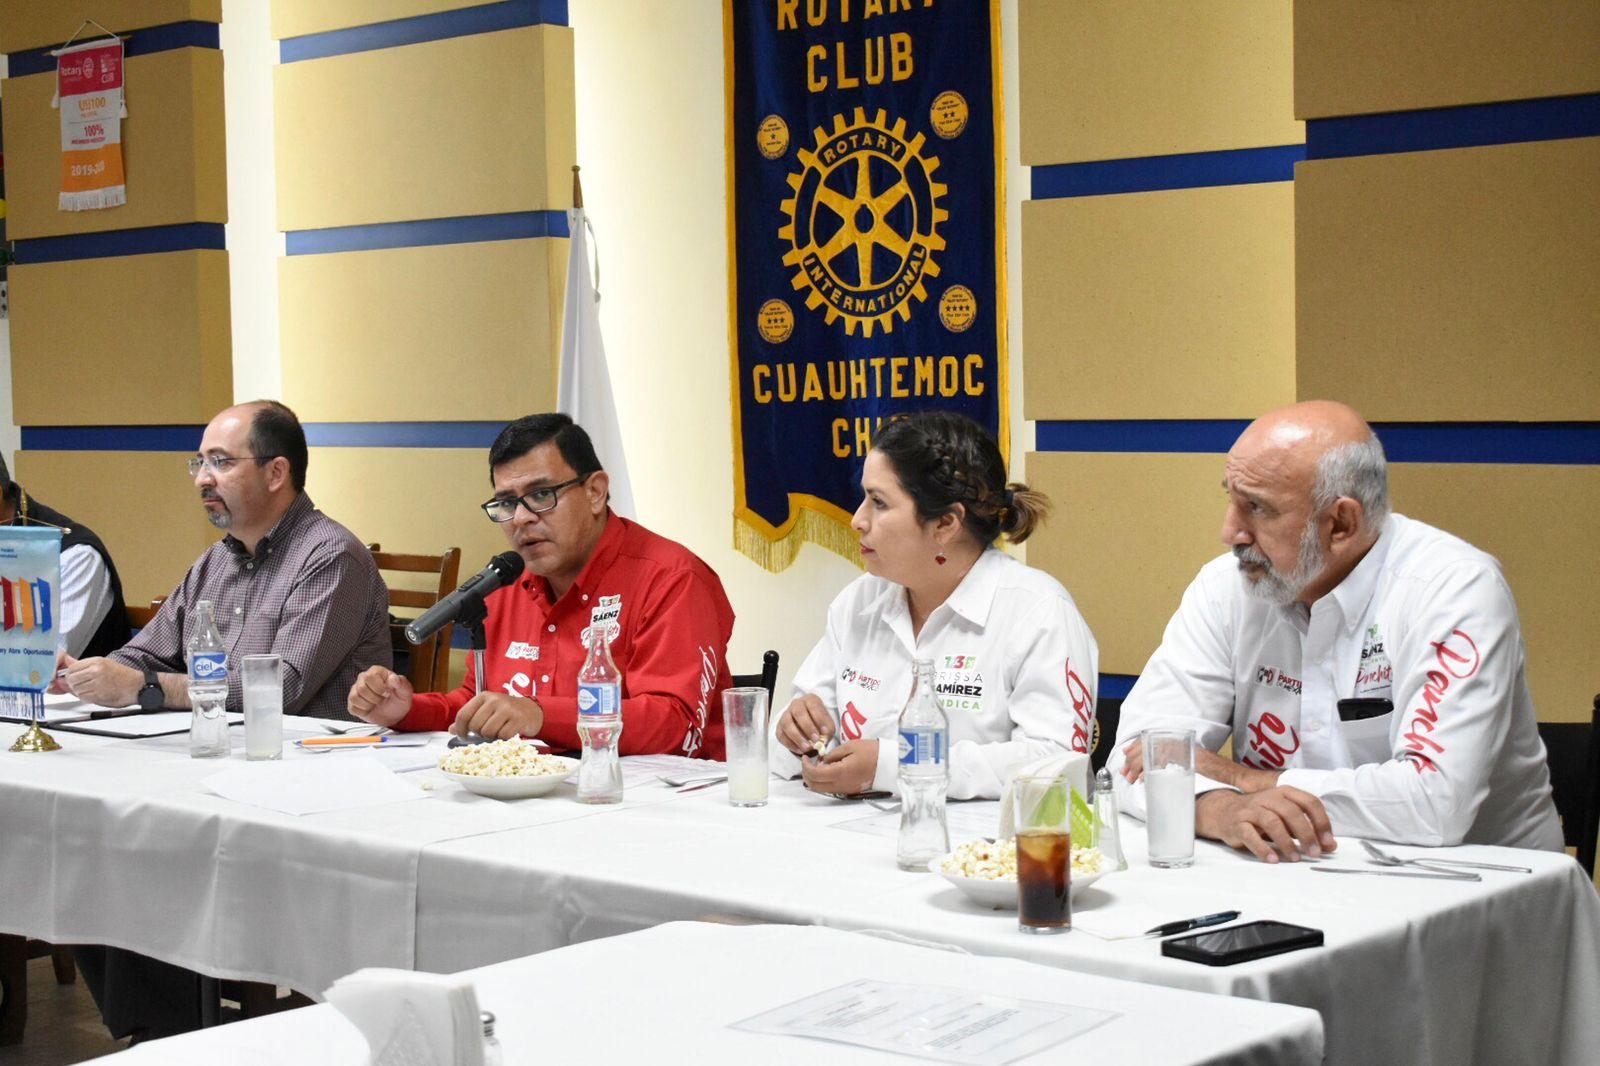 Panchito Sáenz ante Club Rotario: Optimizar el presupuesto con reducción de costo operativo